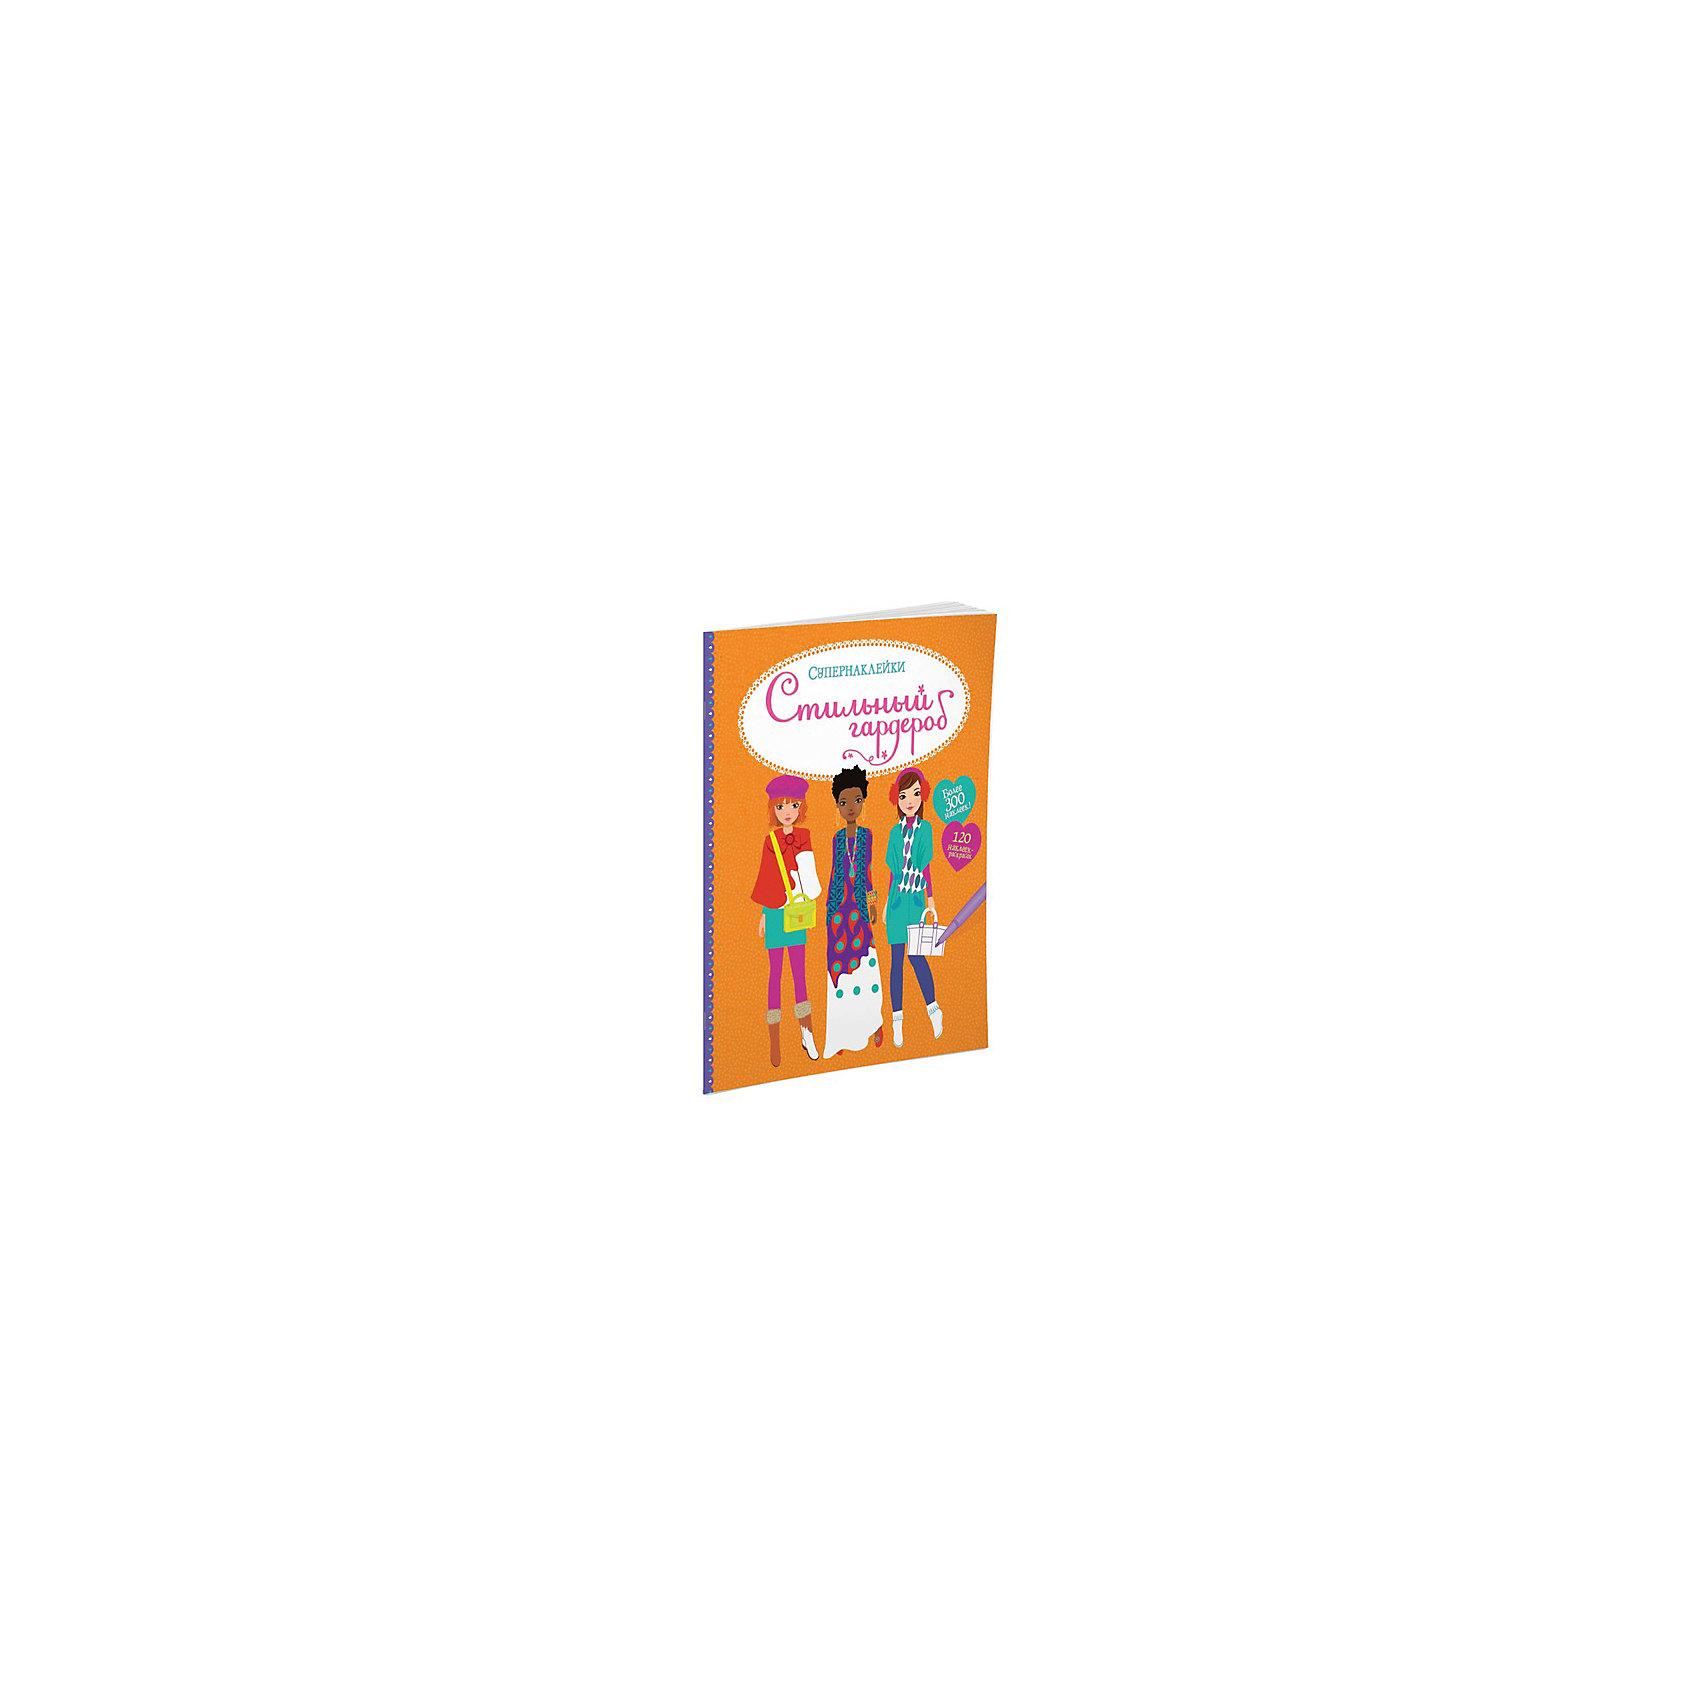 Наклейки Стильный гардероб, MACHAONМахаон<br>Книжка с наклейками Стильный гардероб.<br><br>Характеристики:<br><br>• Автор: Уотт Фиона<br>• Художник: Бэггот Стелла<br>• Переводчик: Сенникова В.<br>• Издательство: Махаон, 2016 год<br>• Серия: Супернаклейки<br>• Тип обложки: мягкий переплет (крепление скрепкой или клеем)<br>• Оформление: с наклейками (более 300 наклеек; 120 наклеек-раскрасок)<br>• Иллюстрации: цветные<br>• Количество страниц: 24 (мелованная)<br>• Размер: 305x240x2 мм.<br>• Вес: 303 гр.<br>• ISBN: 9785389095946<br><br>Стань дизайнером модной одежды и создай свою коллекцию нарядов для стильного гардероба! В книжке ты найдёшь цветные наклейки одежды и аксессуаров, образцы ткани и орнаментов, наклейки для раскрашивания и образец альбома для твоих дизайнерских экспериментов. Воплоти свои самые интересные идеи! 5 часов активной игры! Развиваем внимание, воображение, мелкую моторику и художественный вкус.<br><br>Книжку с наклейками Стильный гардероб можно купить в нашем интернет-магазине.<br><br>Ширина мм: 305<br>Глубина мм: 240<br>Высота мм: 20<br>Вес г: 303<br>Возраст от месяцев: 12<br>Возраст до месяцев: 36<br>Пол: Женский<br>Возраст: Детский<br>SKU: 5493464